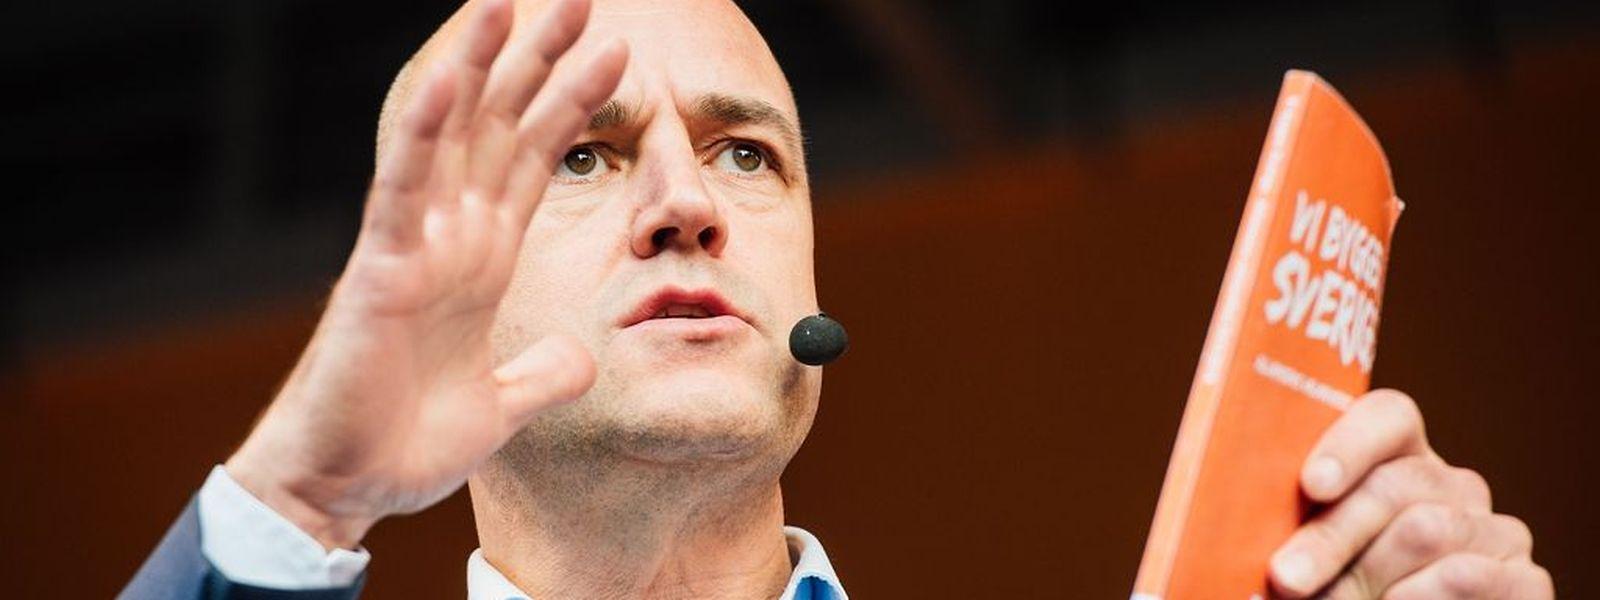 Noch-Regierungschef Fredrik Reinfeldt will am Montag sein Rücktrittsgesuch einreichen.